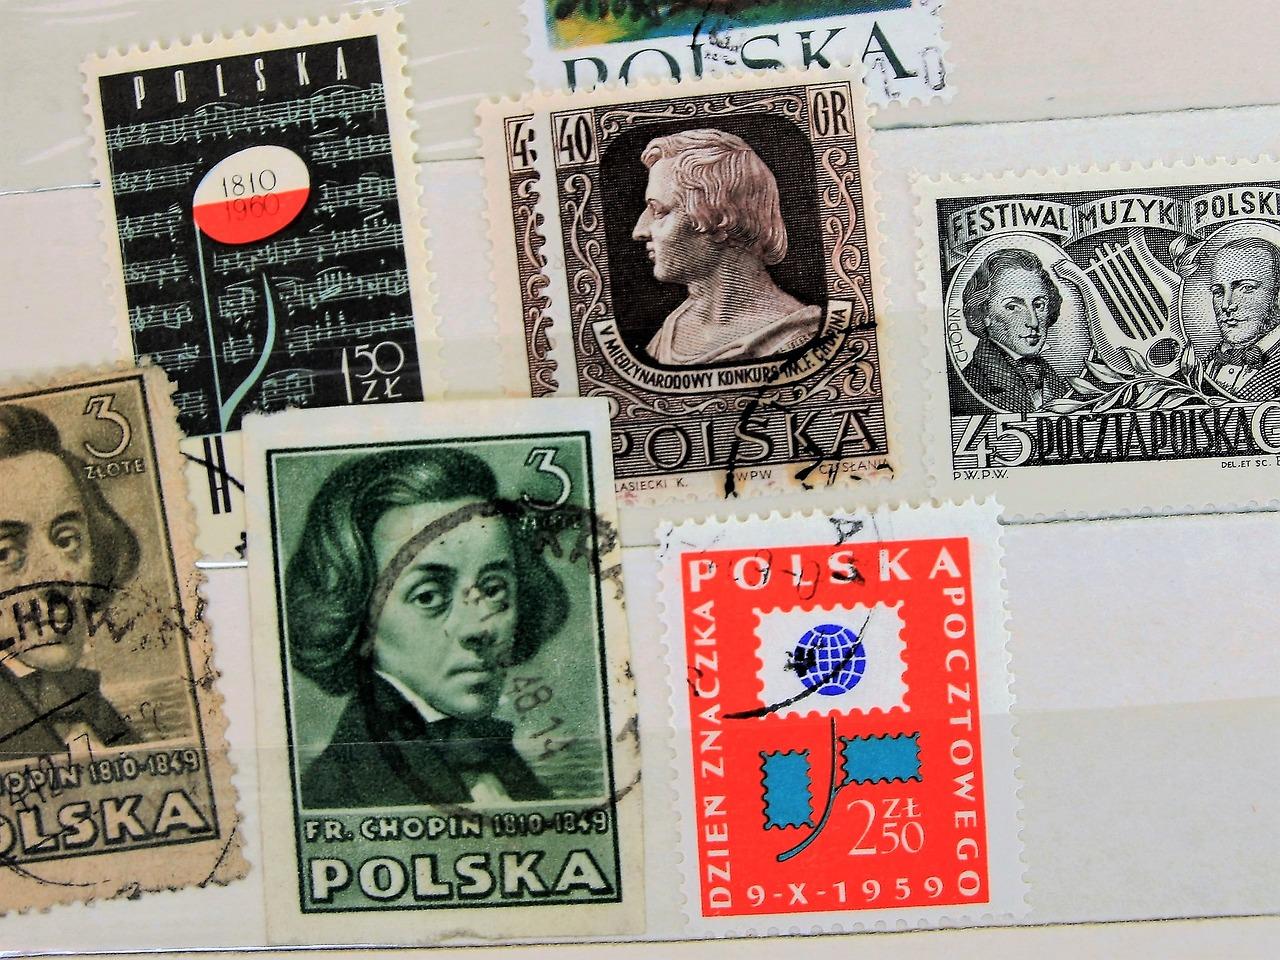 Filatelistyka – jak wycenić znaczki?